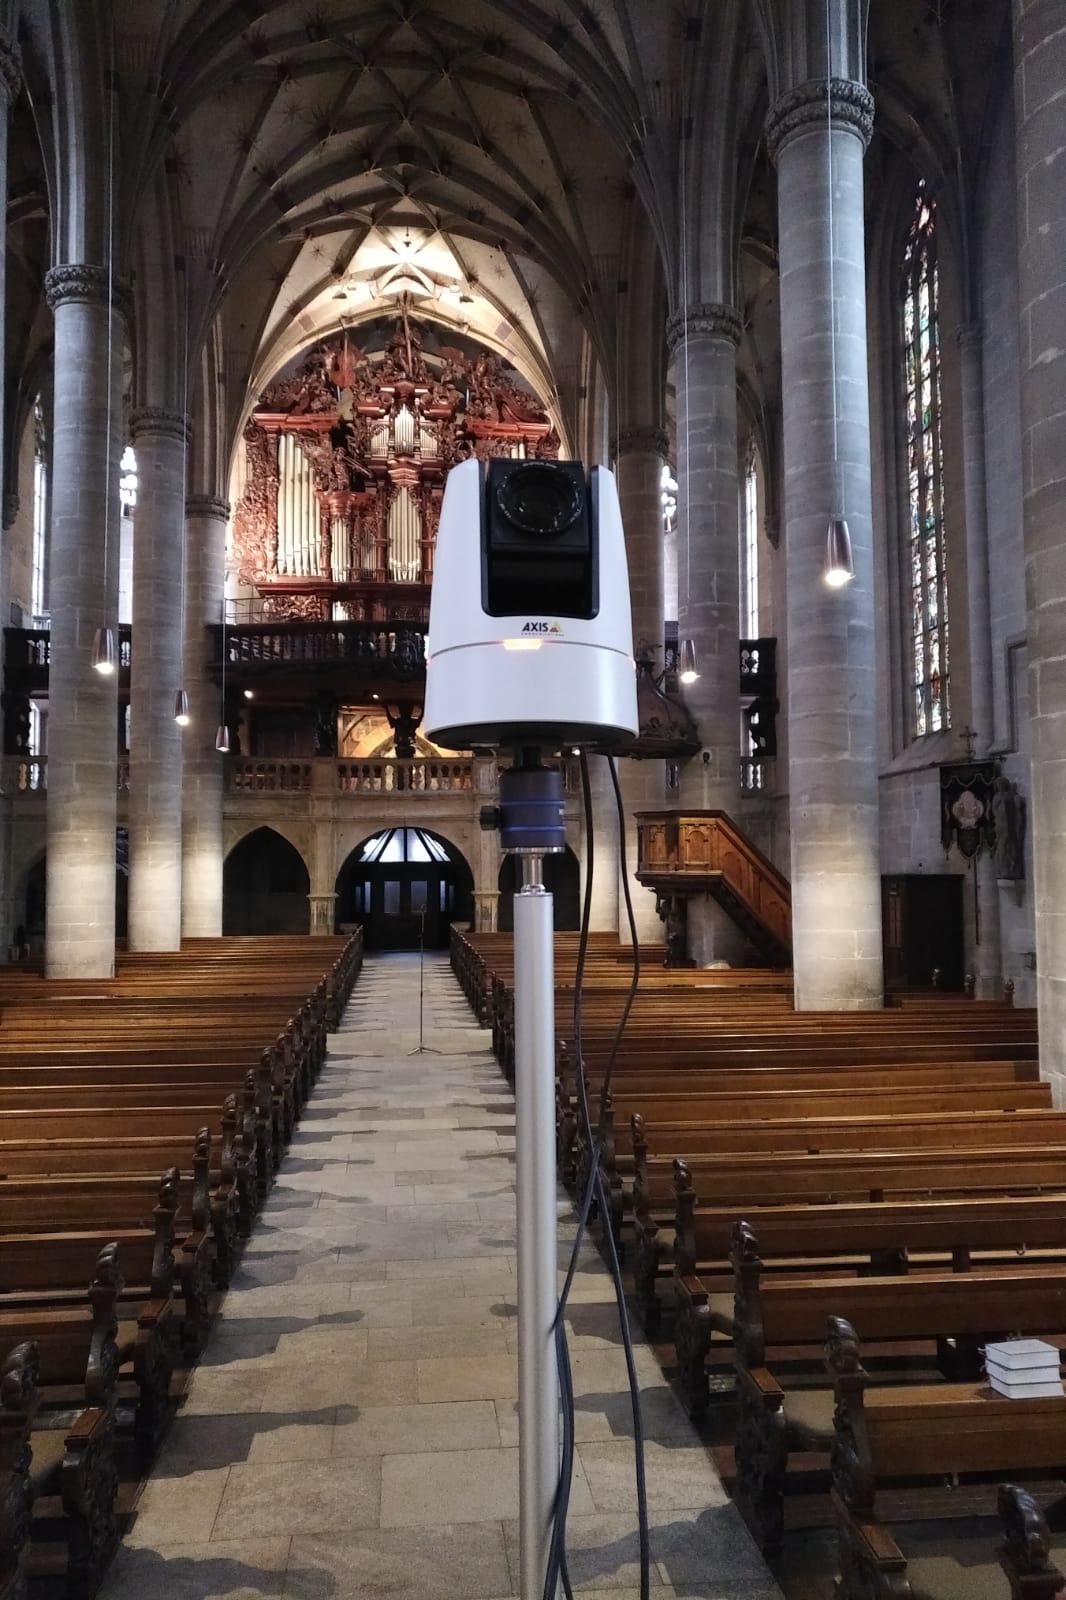 Axis Communications ermöglicht Livestream aus der Kirche mit PTZ-Kamera.